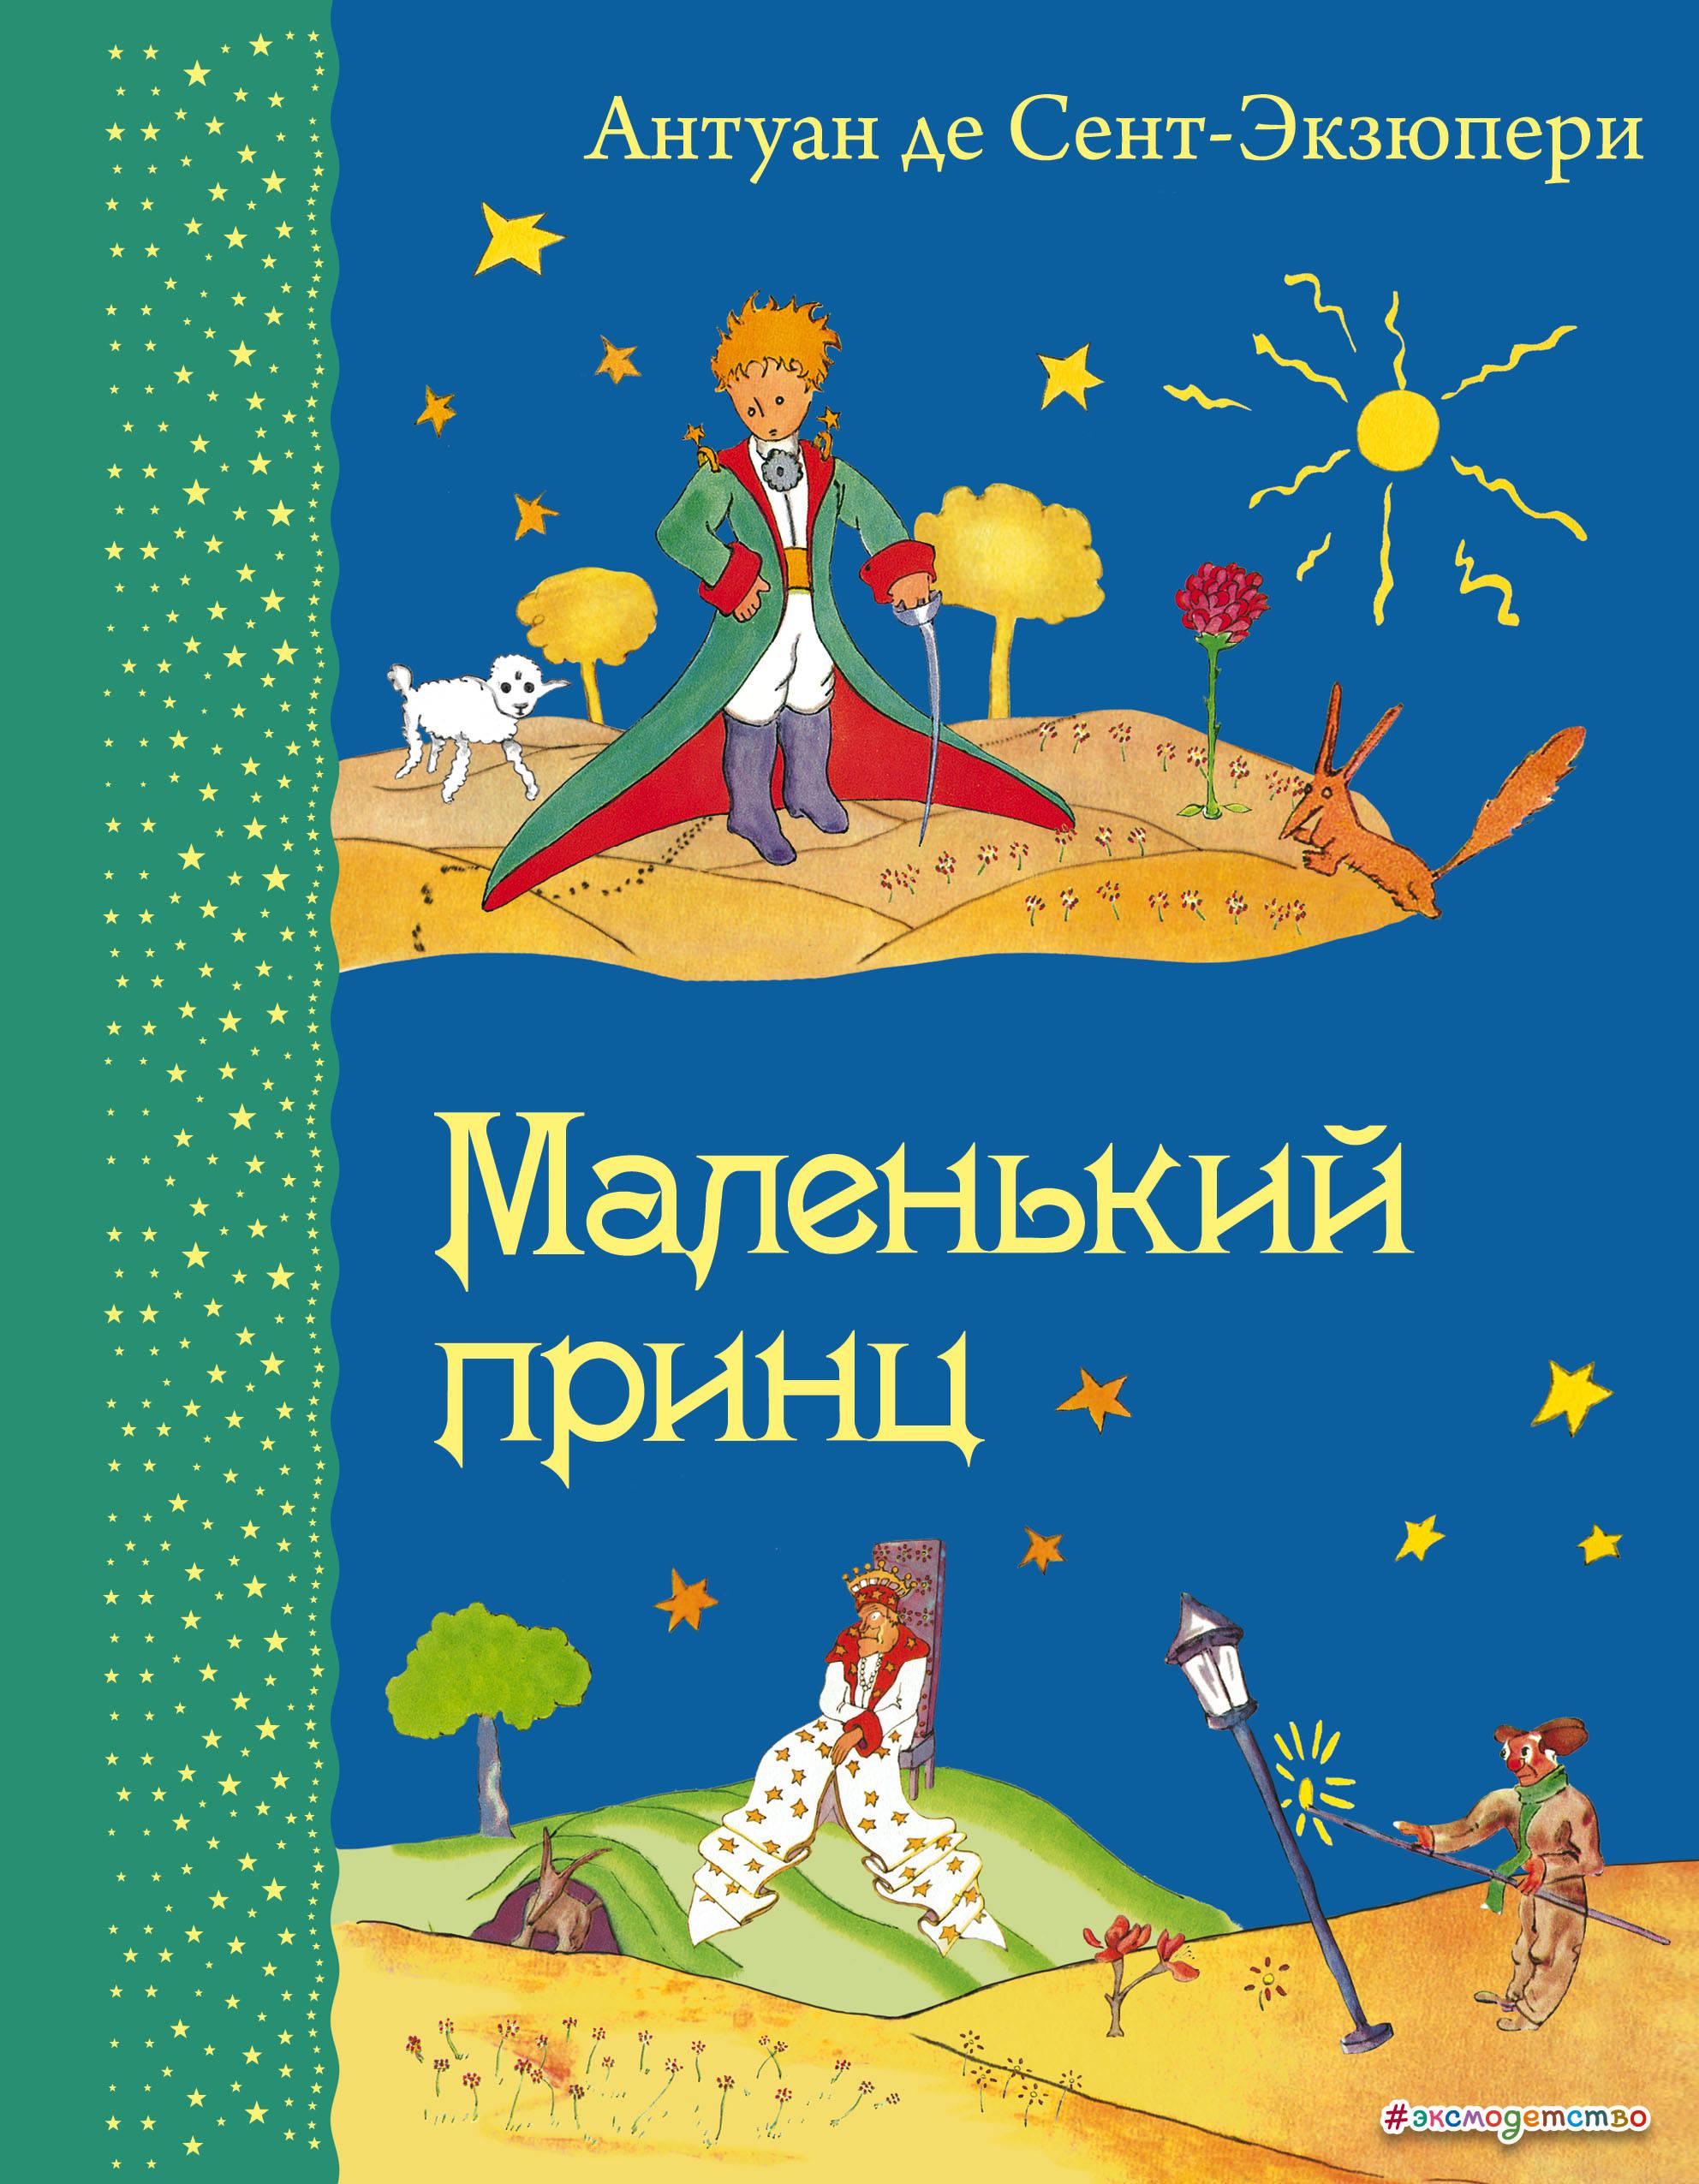 Картинки с книги маленький принц